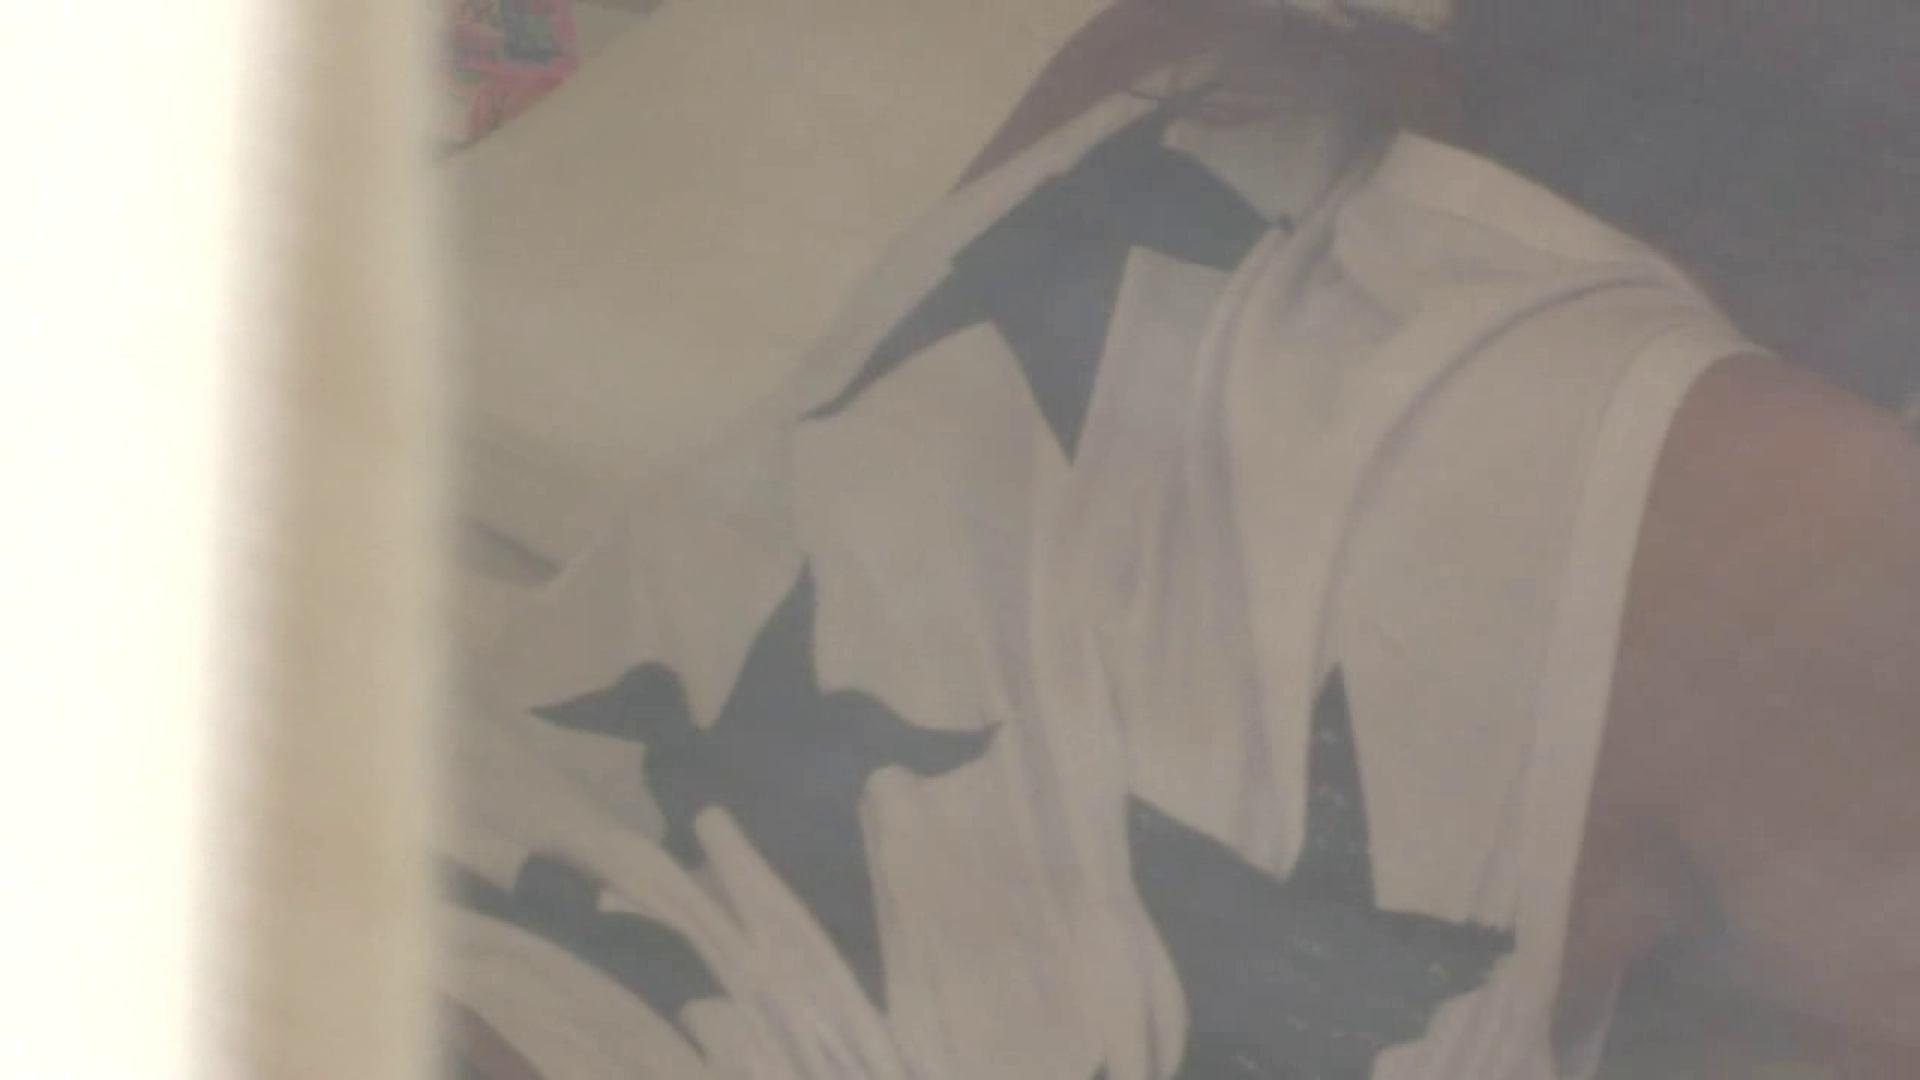 老舗ペンション2代目オーナーが流出したお宝映像Vol.2 ギャル  78枚 33